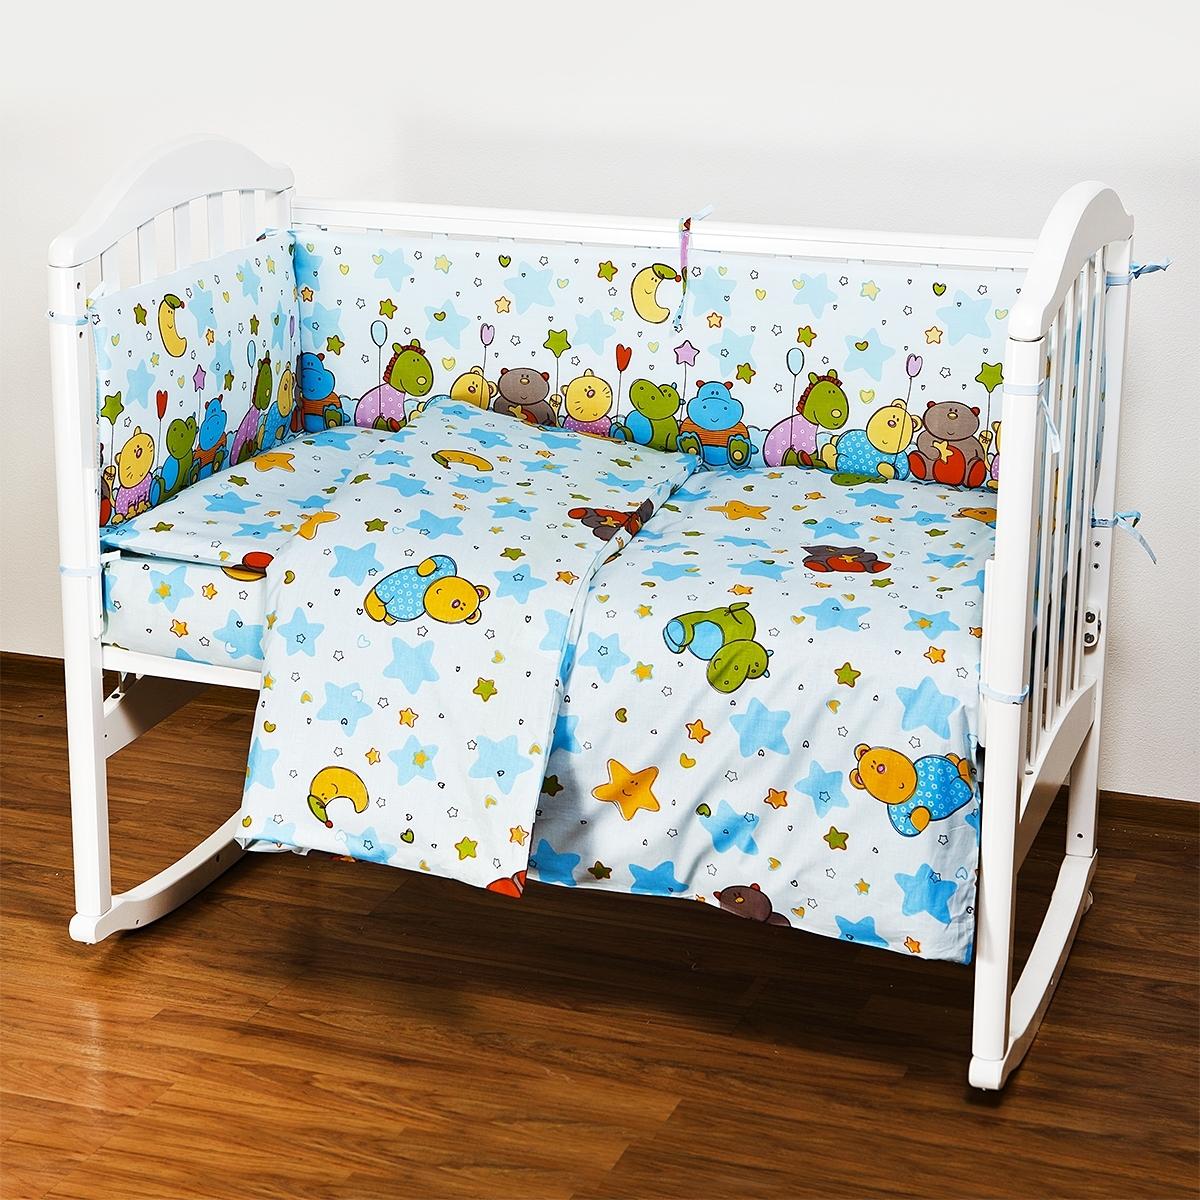 Комплект в кроватку Споки Ноки 6 предметов Звездопад (голубой, желтый, розовый)<br>